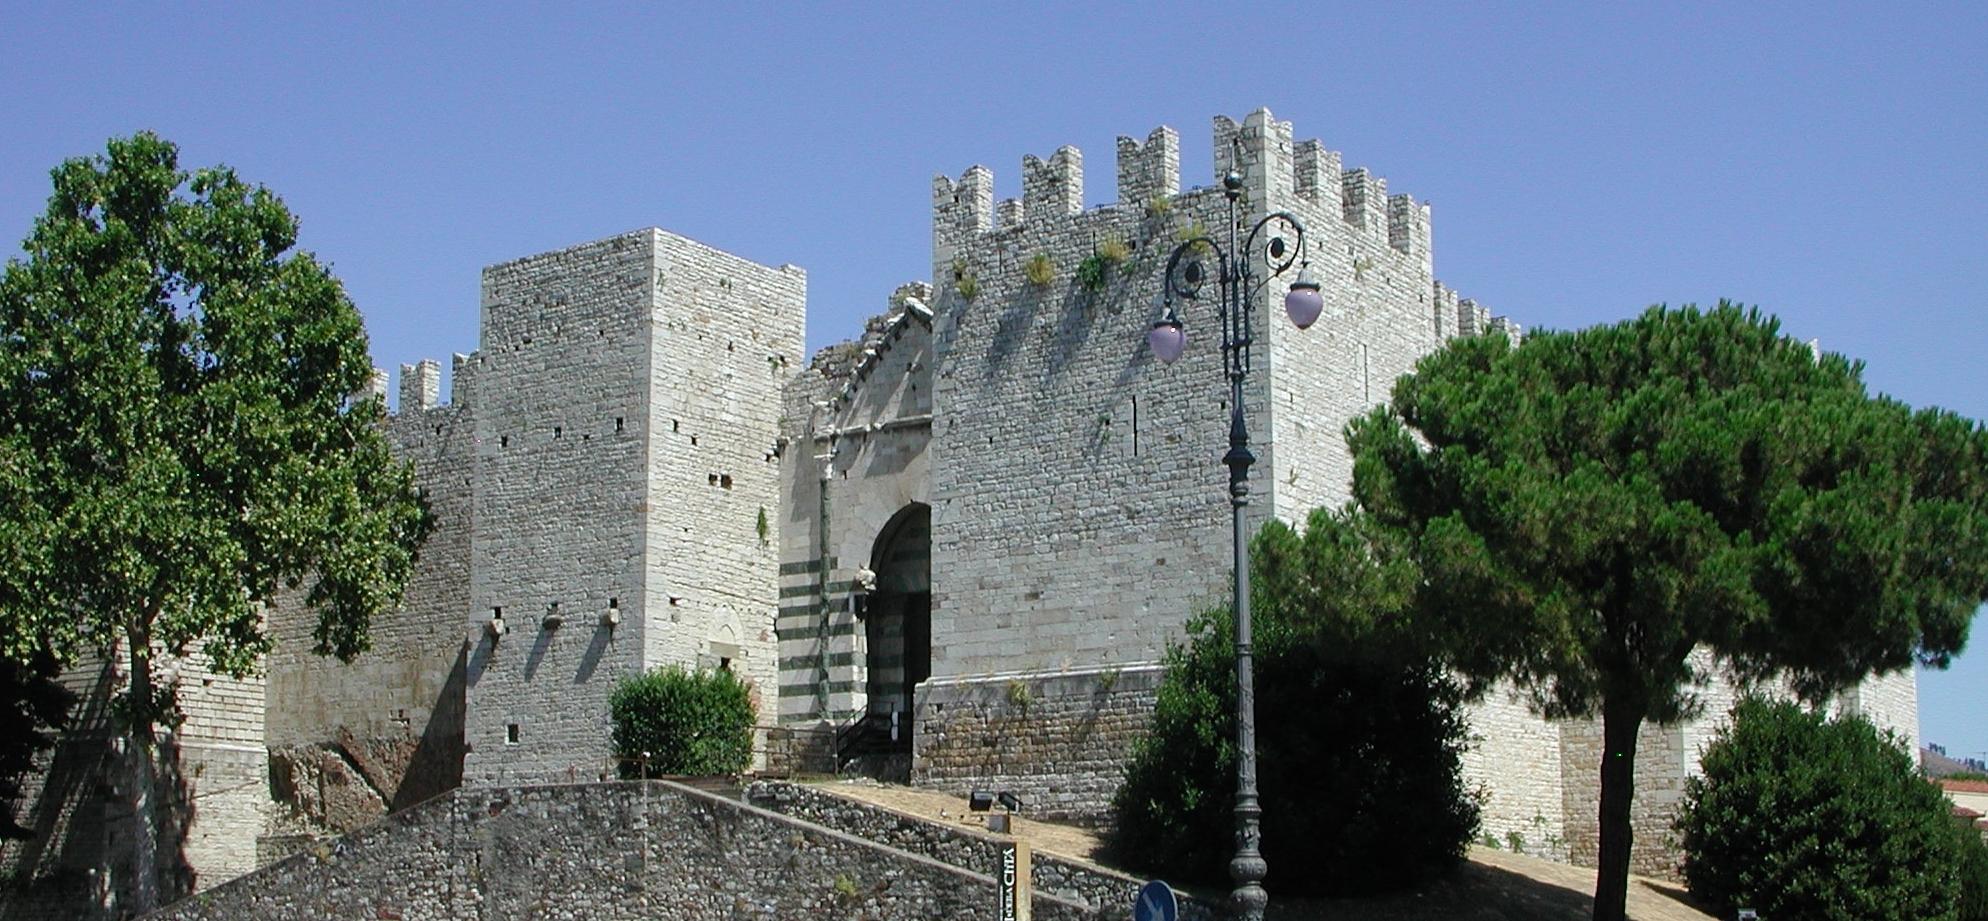 File:Prato - Castello dellImperatore 1.jpg - Wikimedia ...